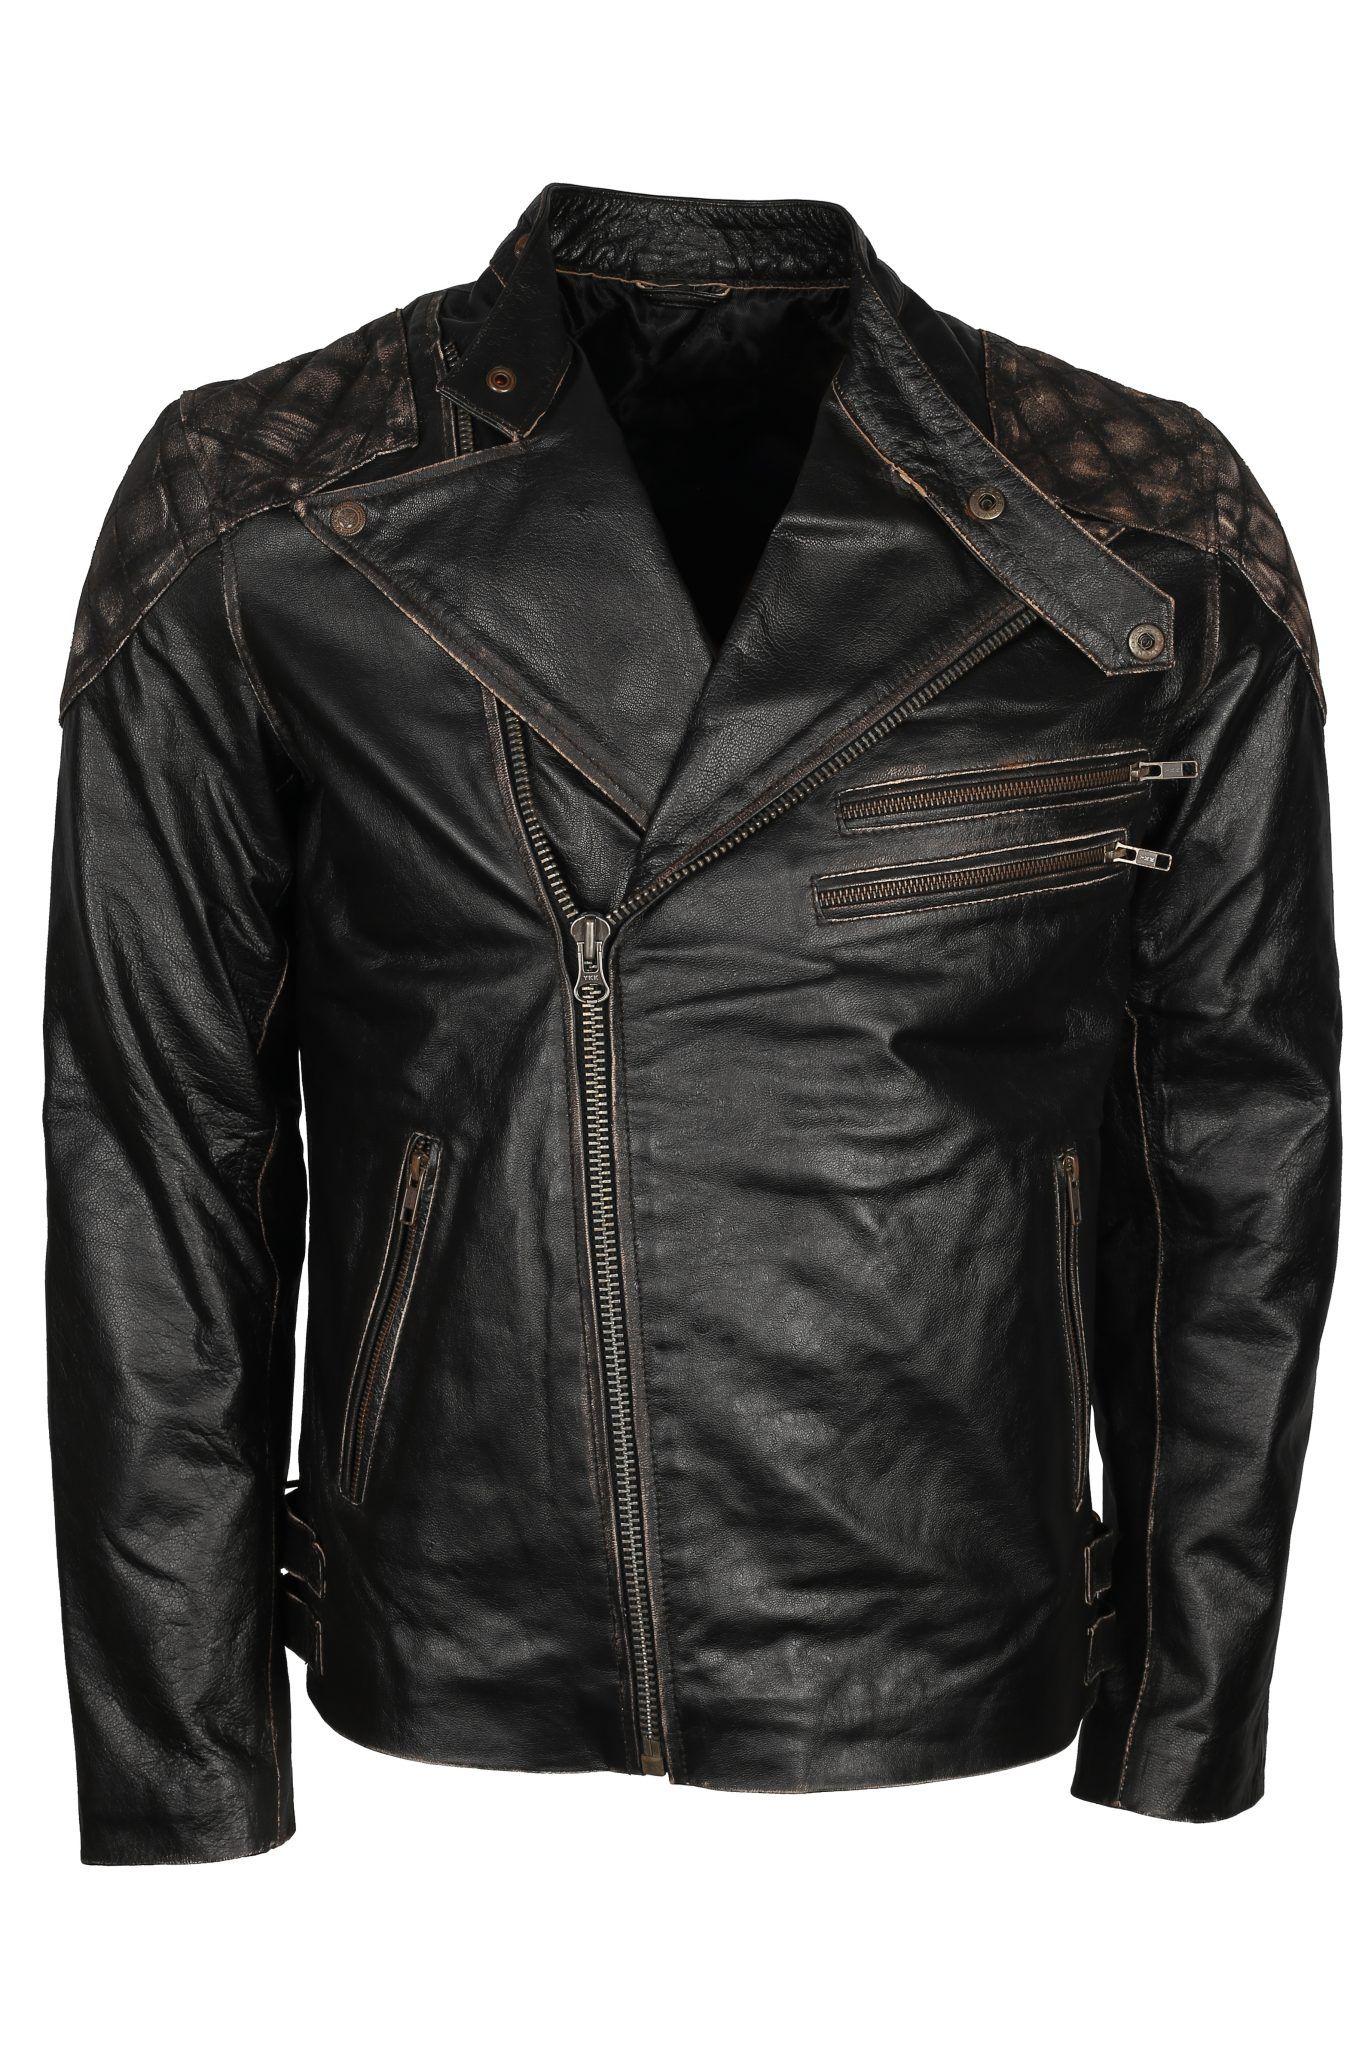 Skull Leather Jacket Mens Motorcycle Punisher Leather Jacket [ 2048 x 1365 Pixel ]